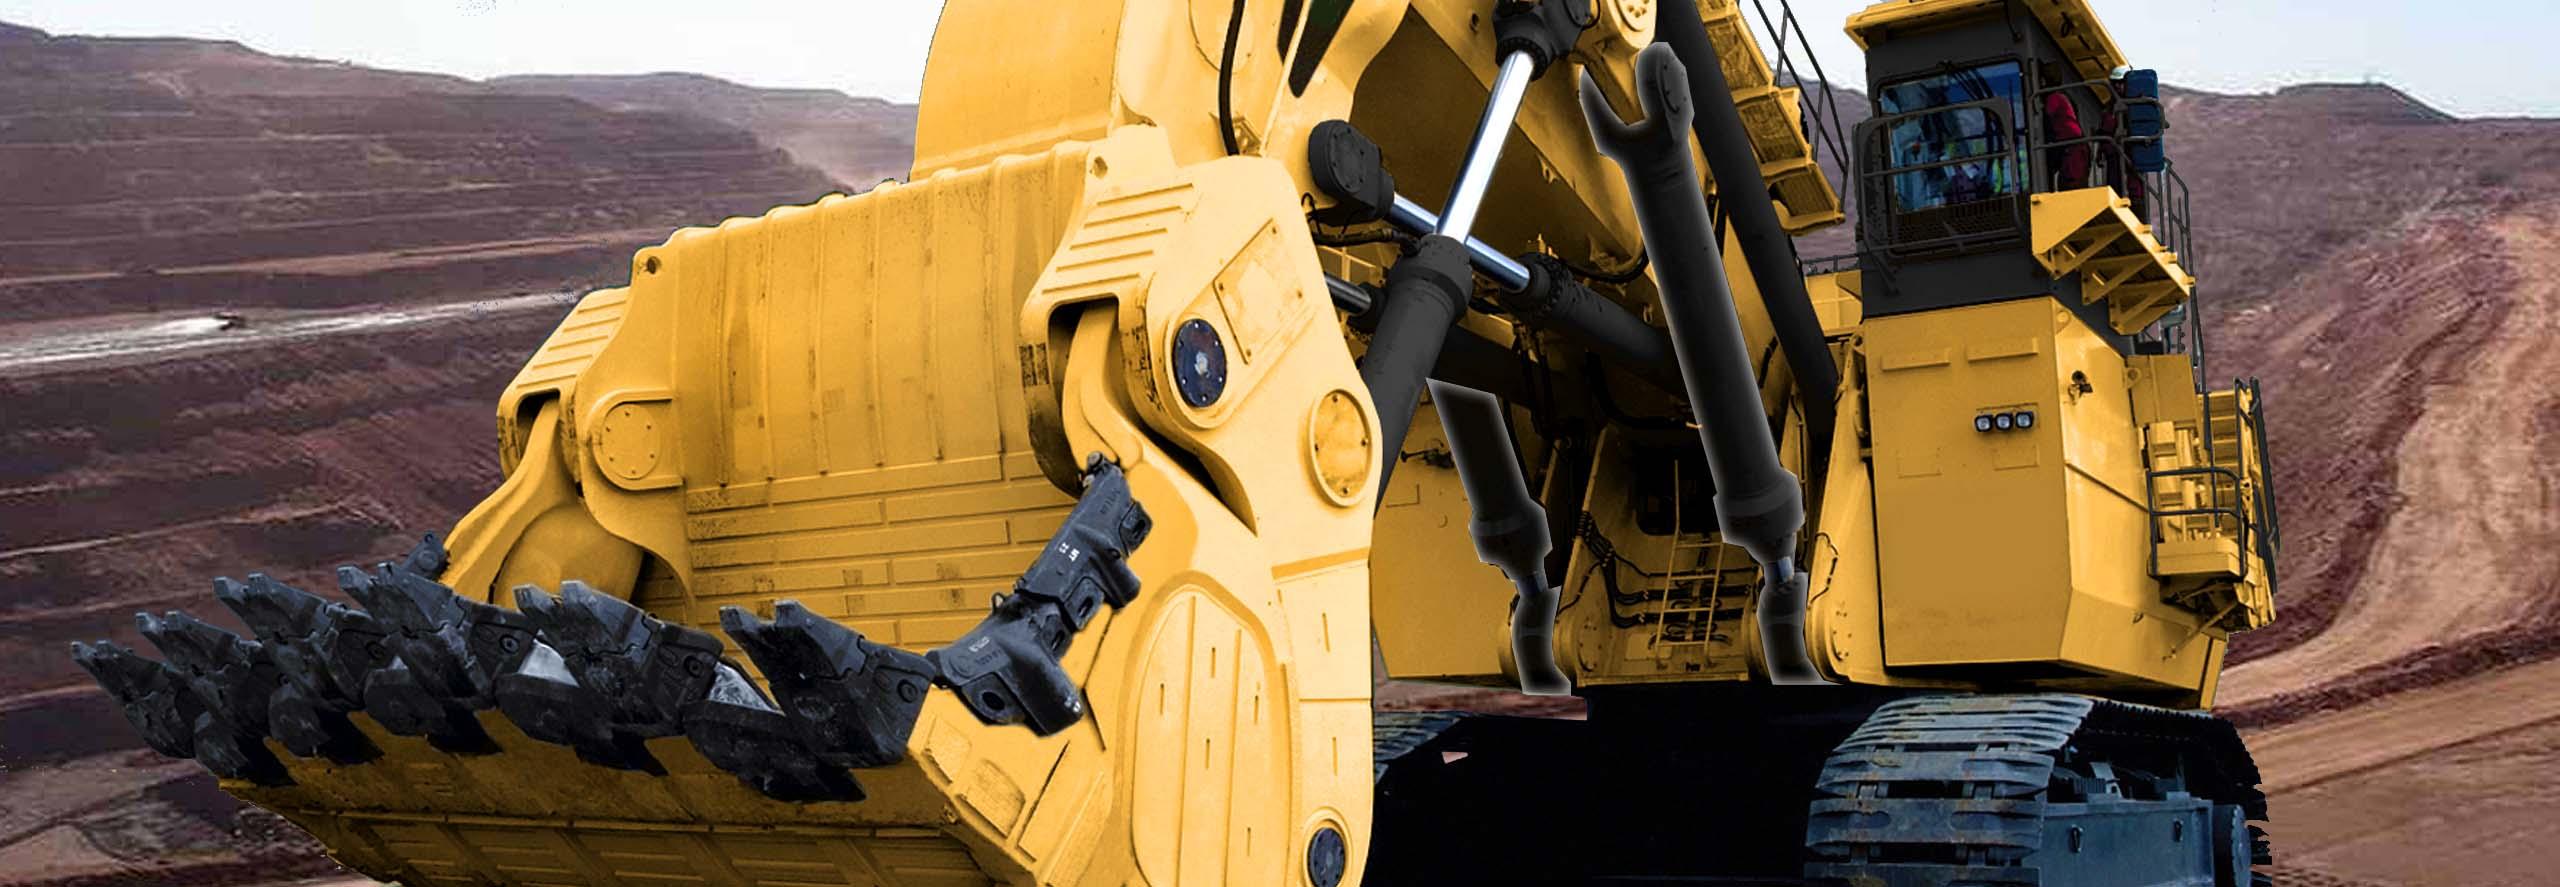 Cat 6060 Excavator at iron ore site